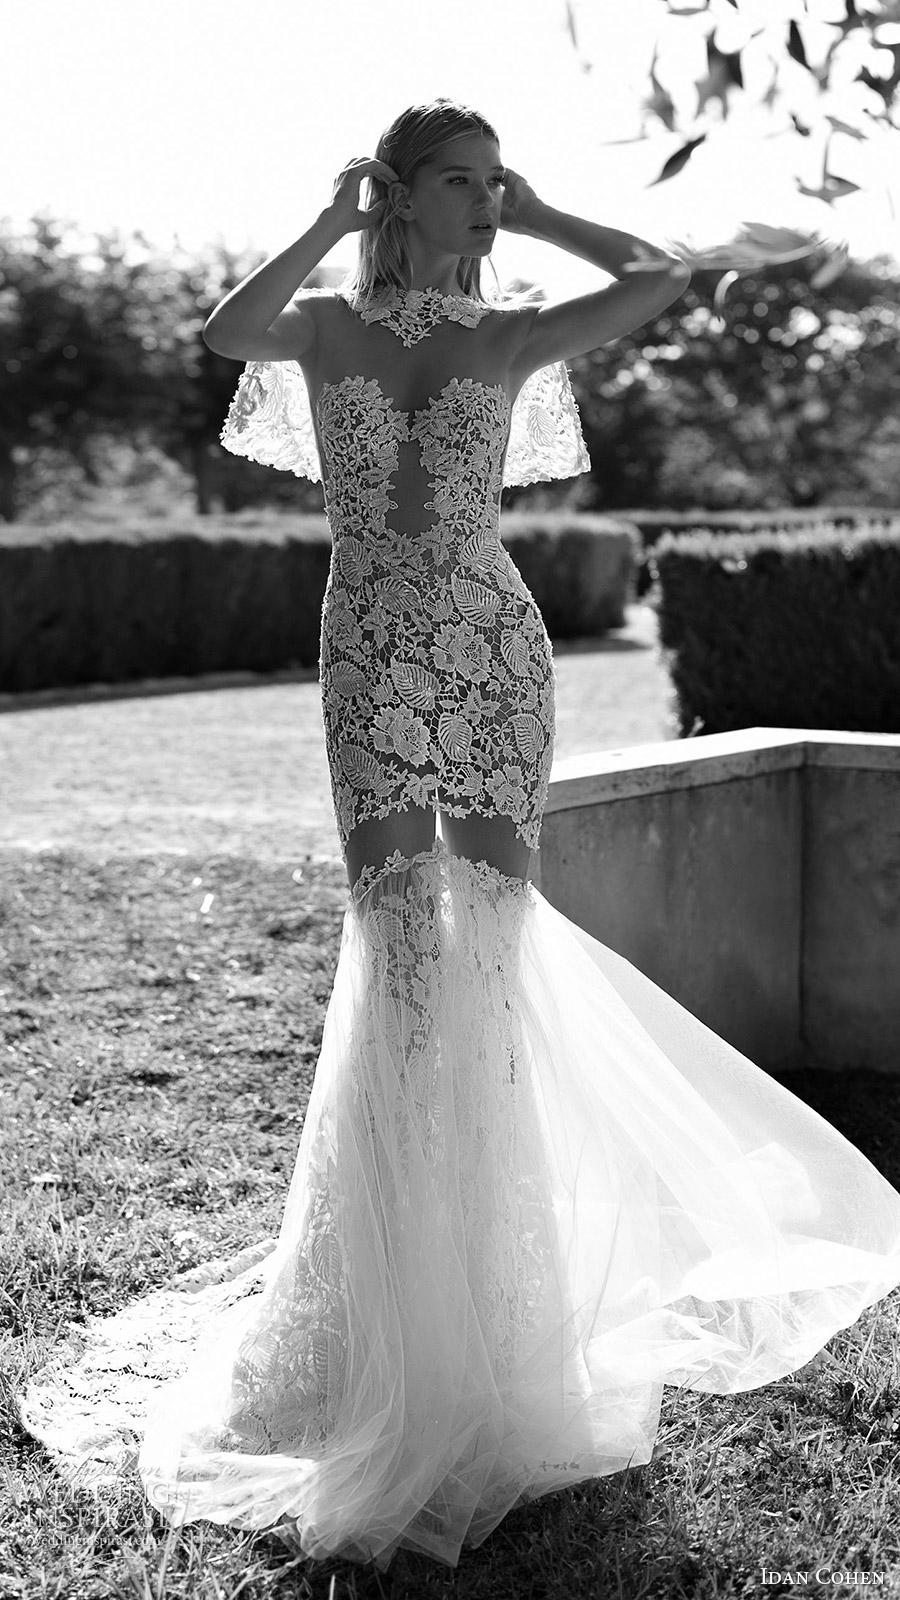 novia 2017 ilusión mangas largas escote corazón cordón de la sirena Idan Cohen vestido de novia (lia luisa) fv capelet encaje corto es larga cola